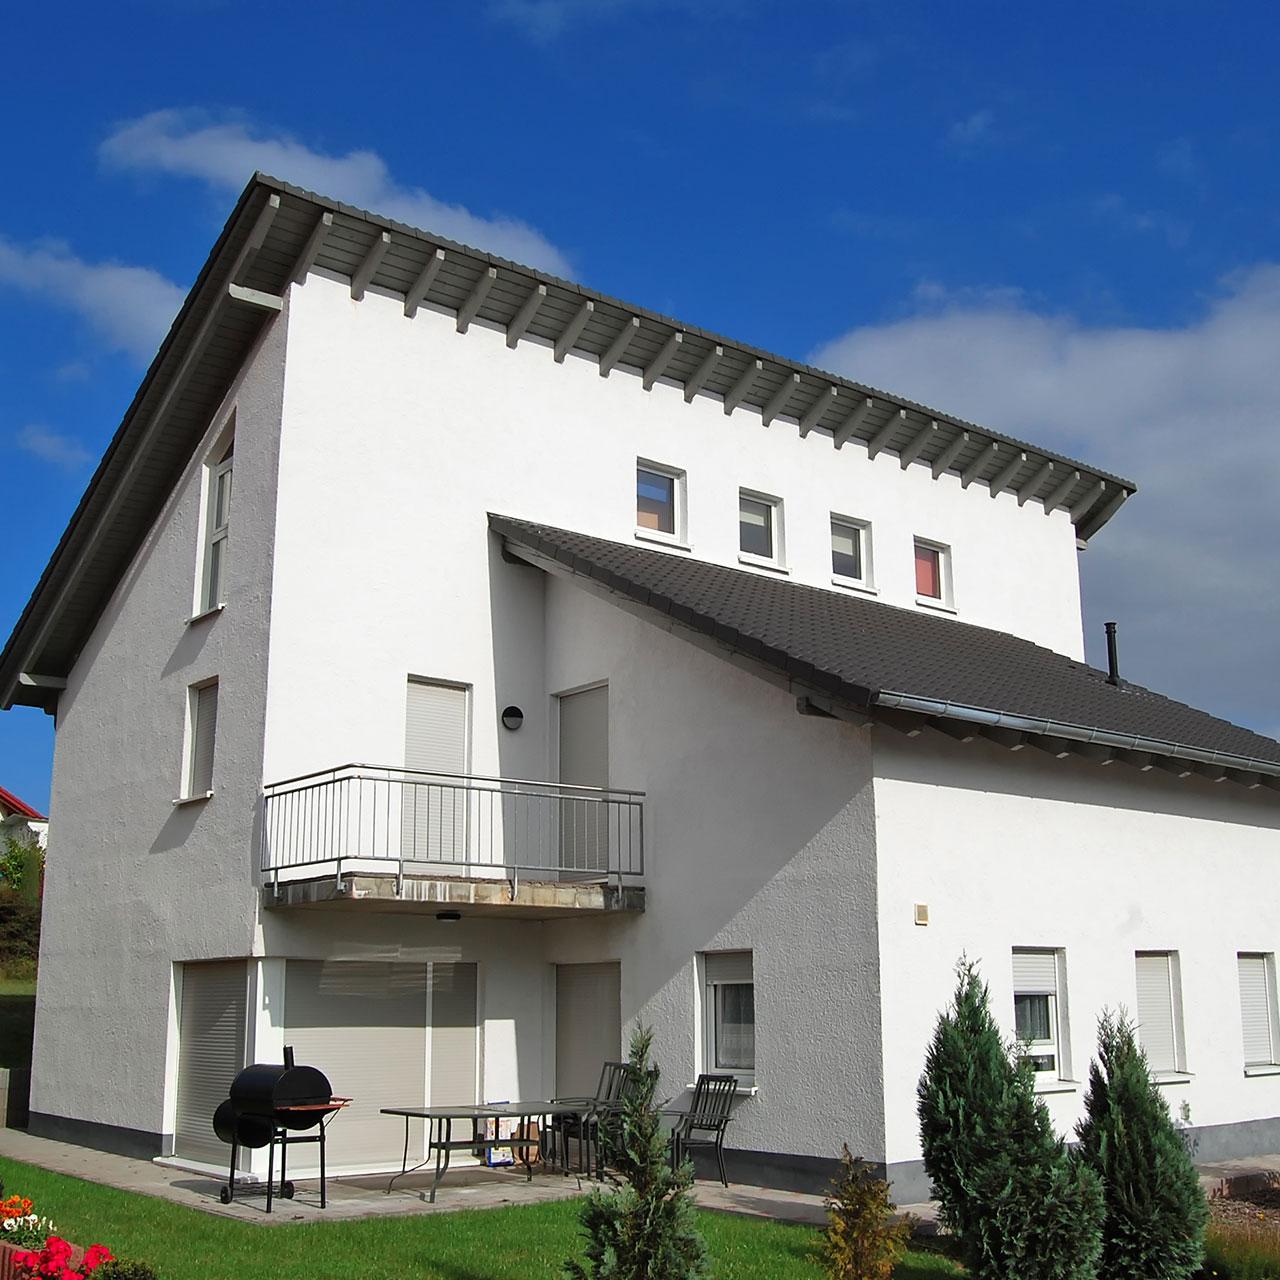 Häuser zum Kauf in Leverkusen - Barrierefreier Bungalow in ...